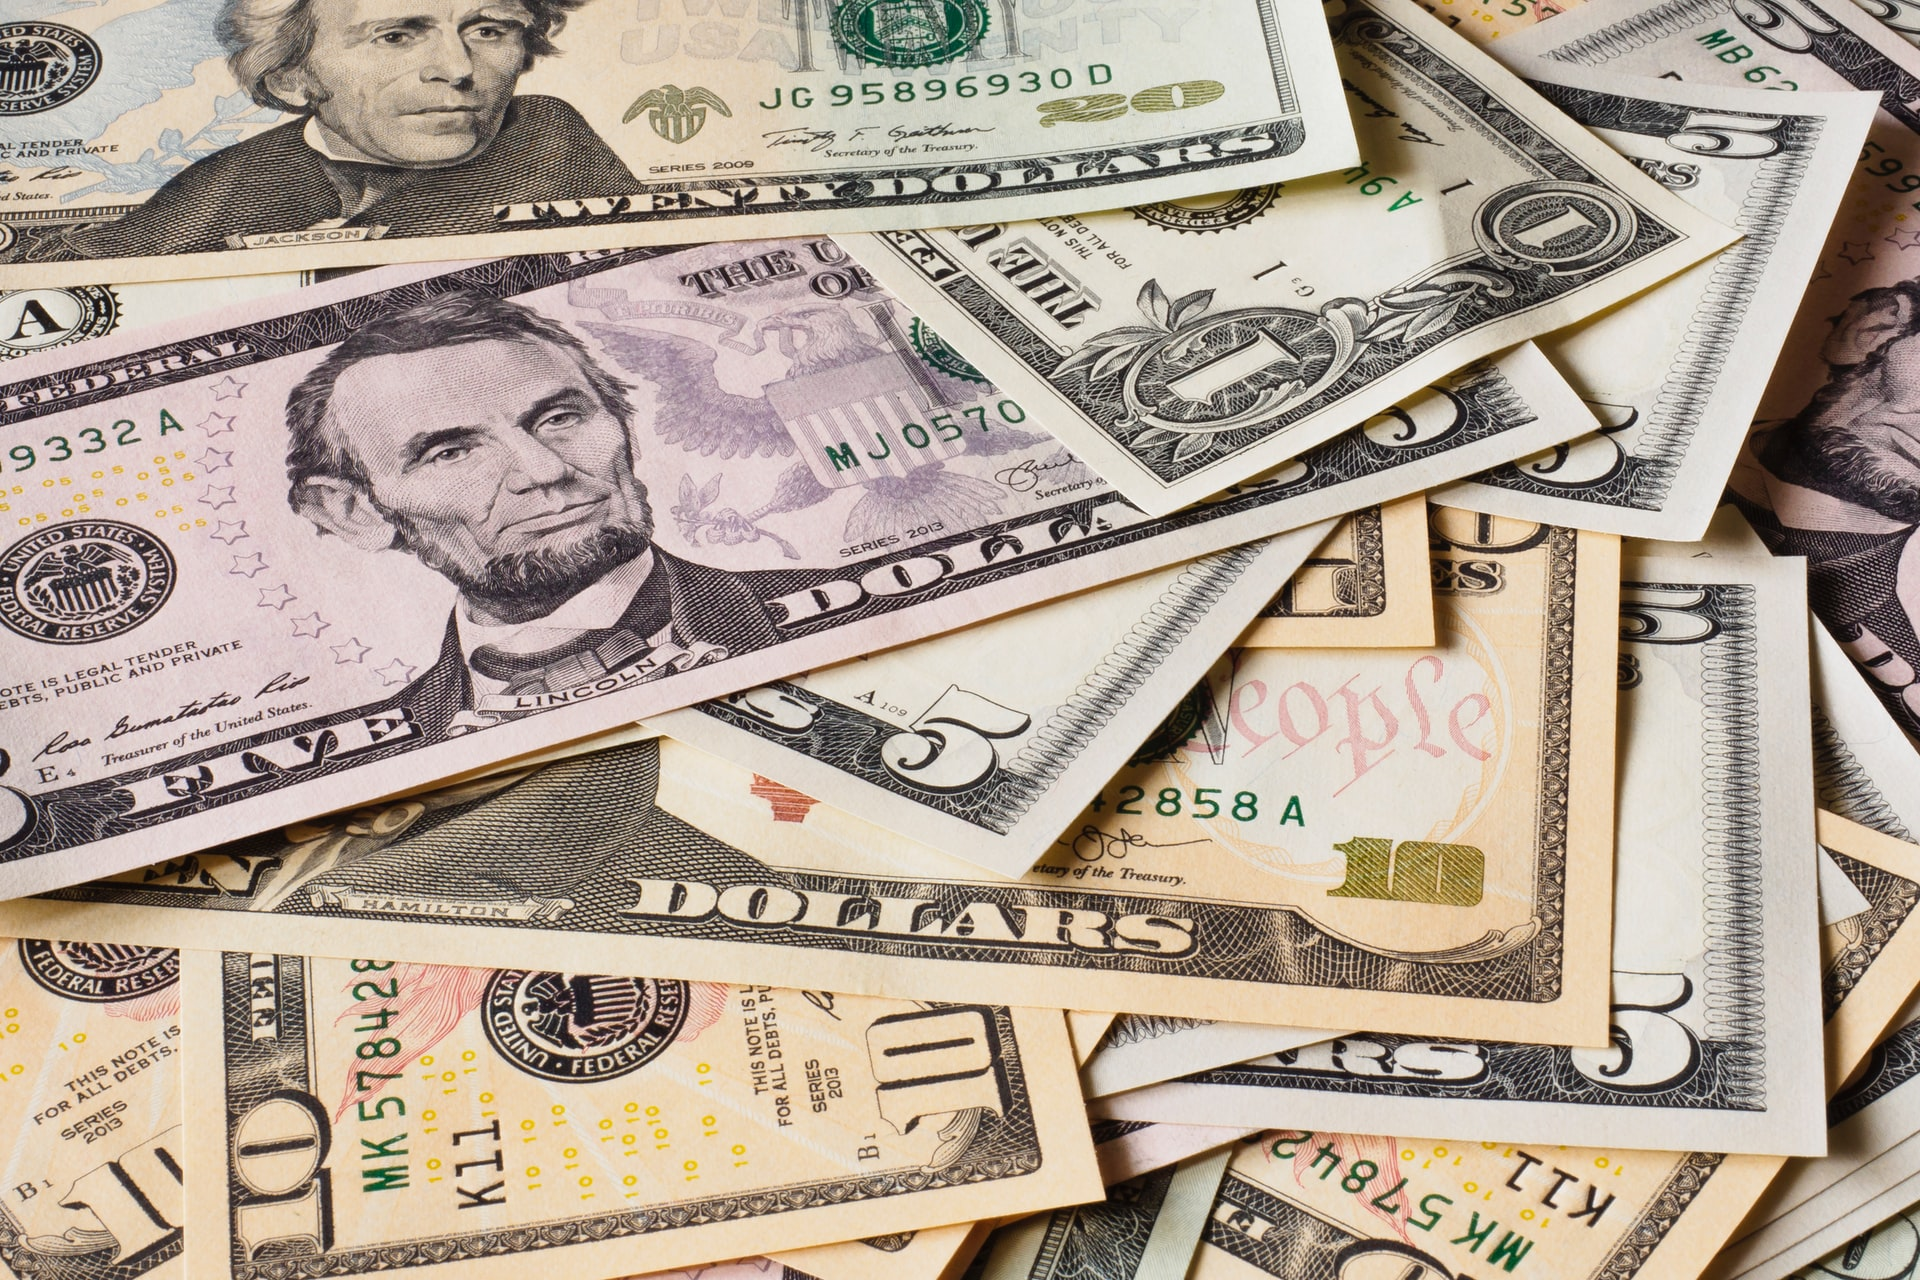 cedulas do dinheiro americano